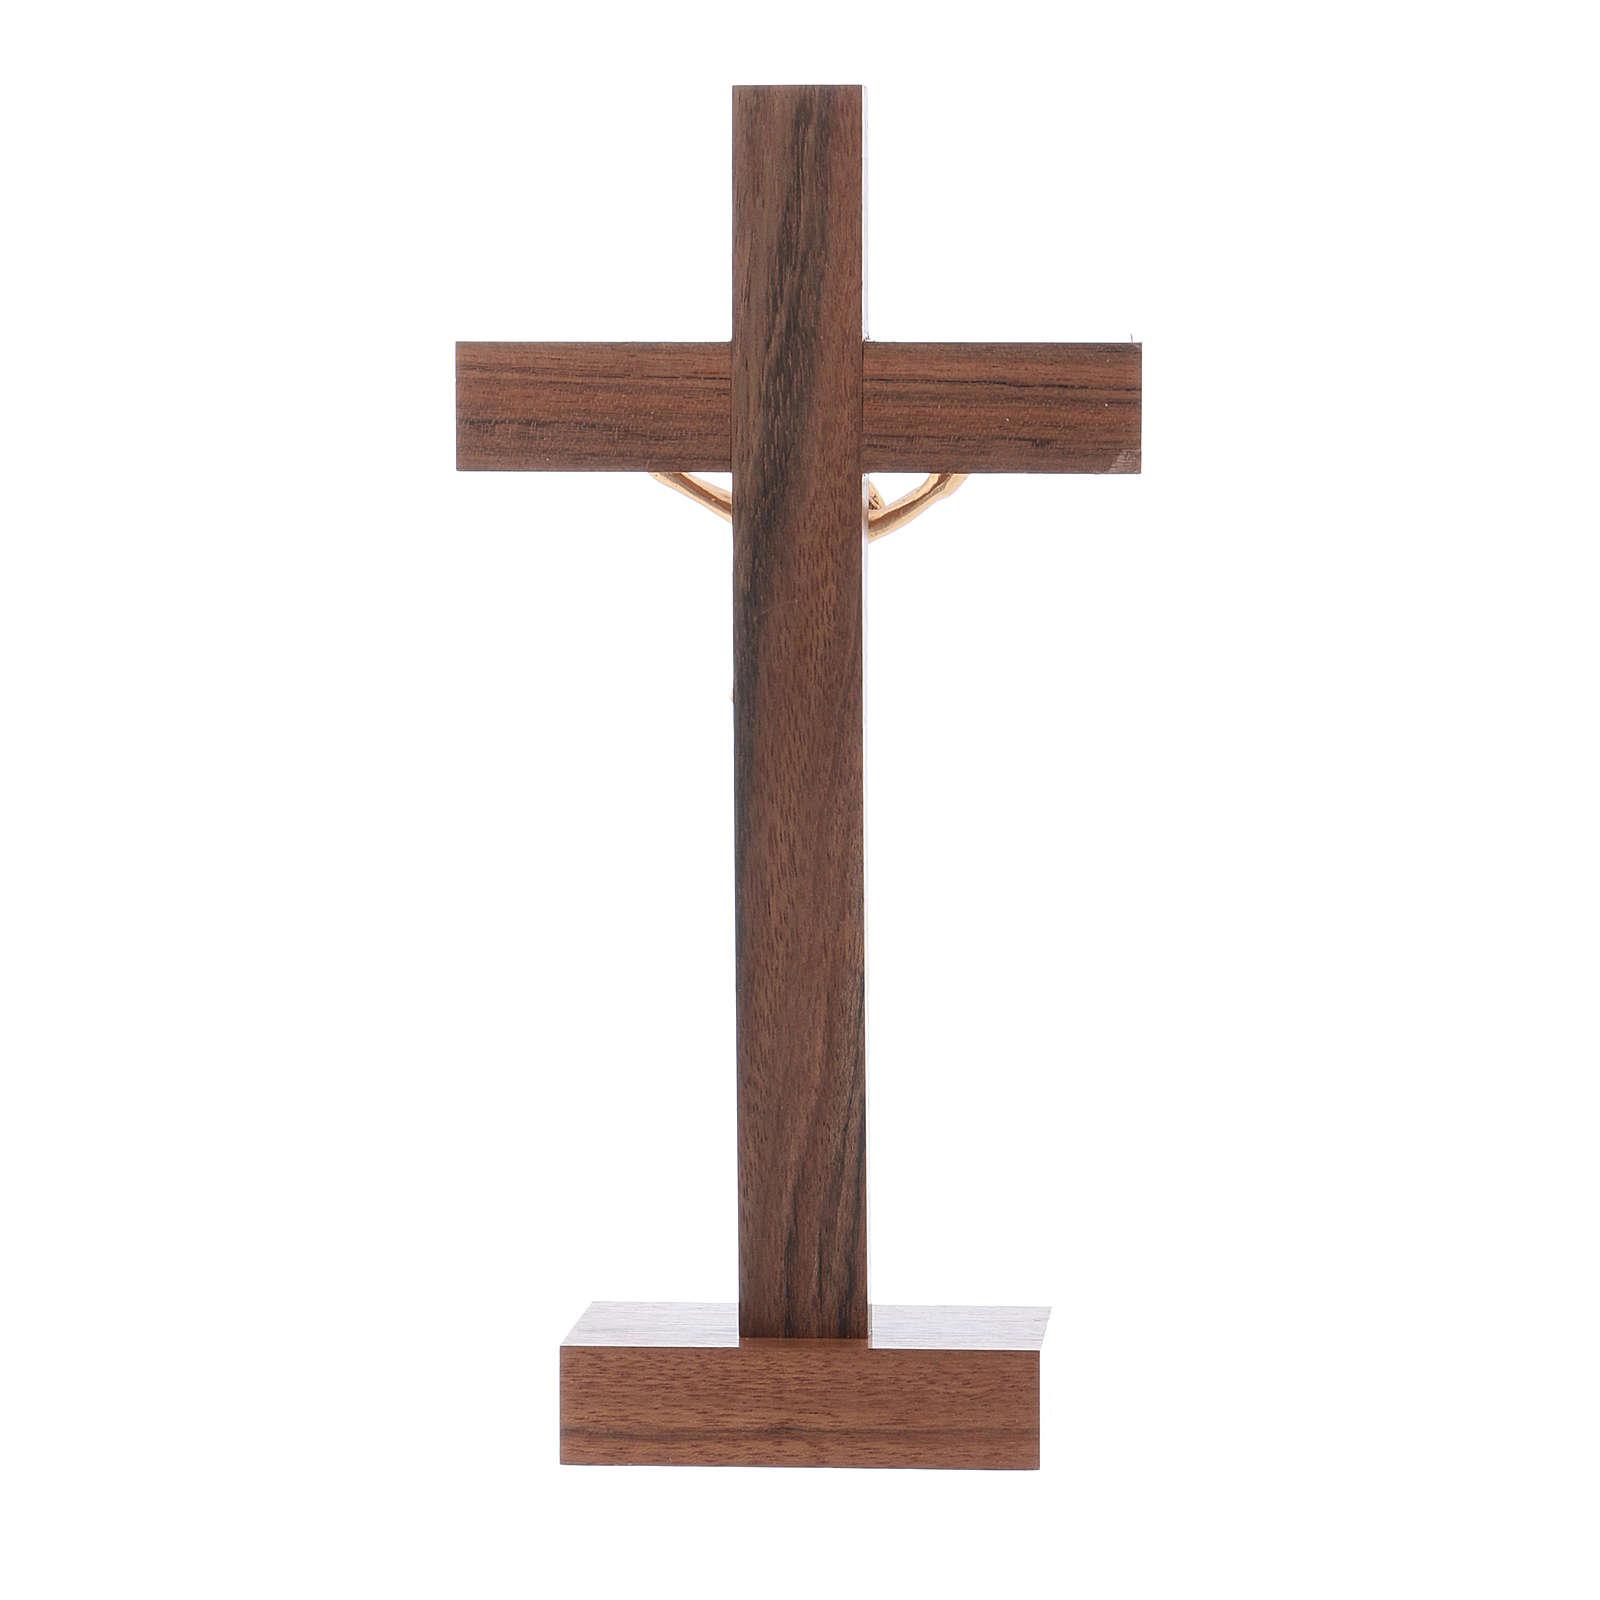 Crucifijo de mesa moderno de madera de nuez y olivo cuerpo metal 21 cm 4